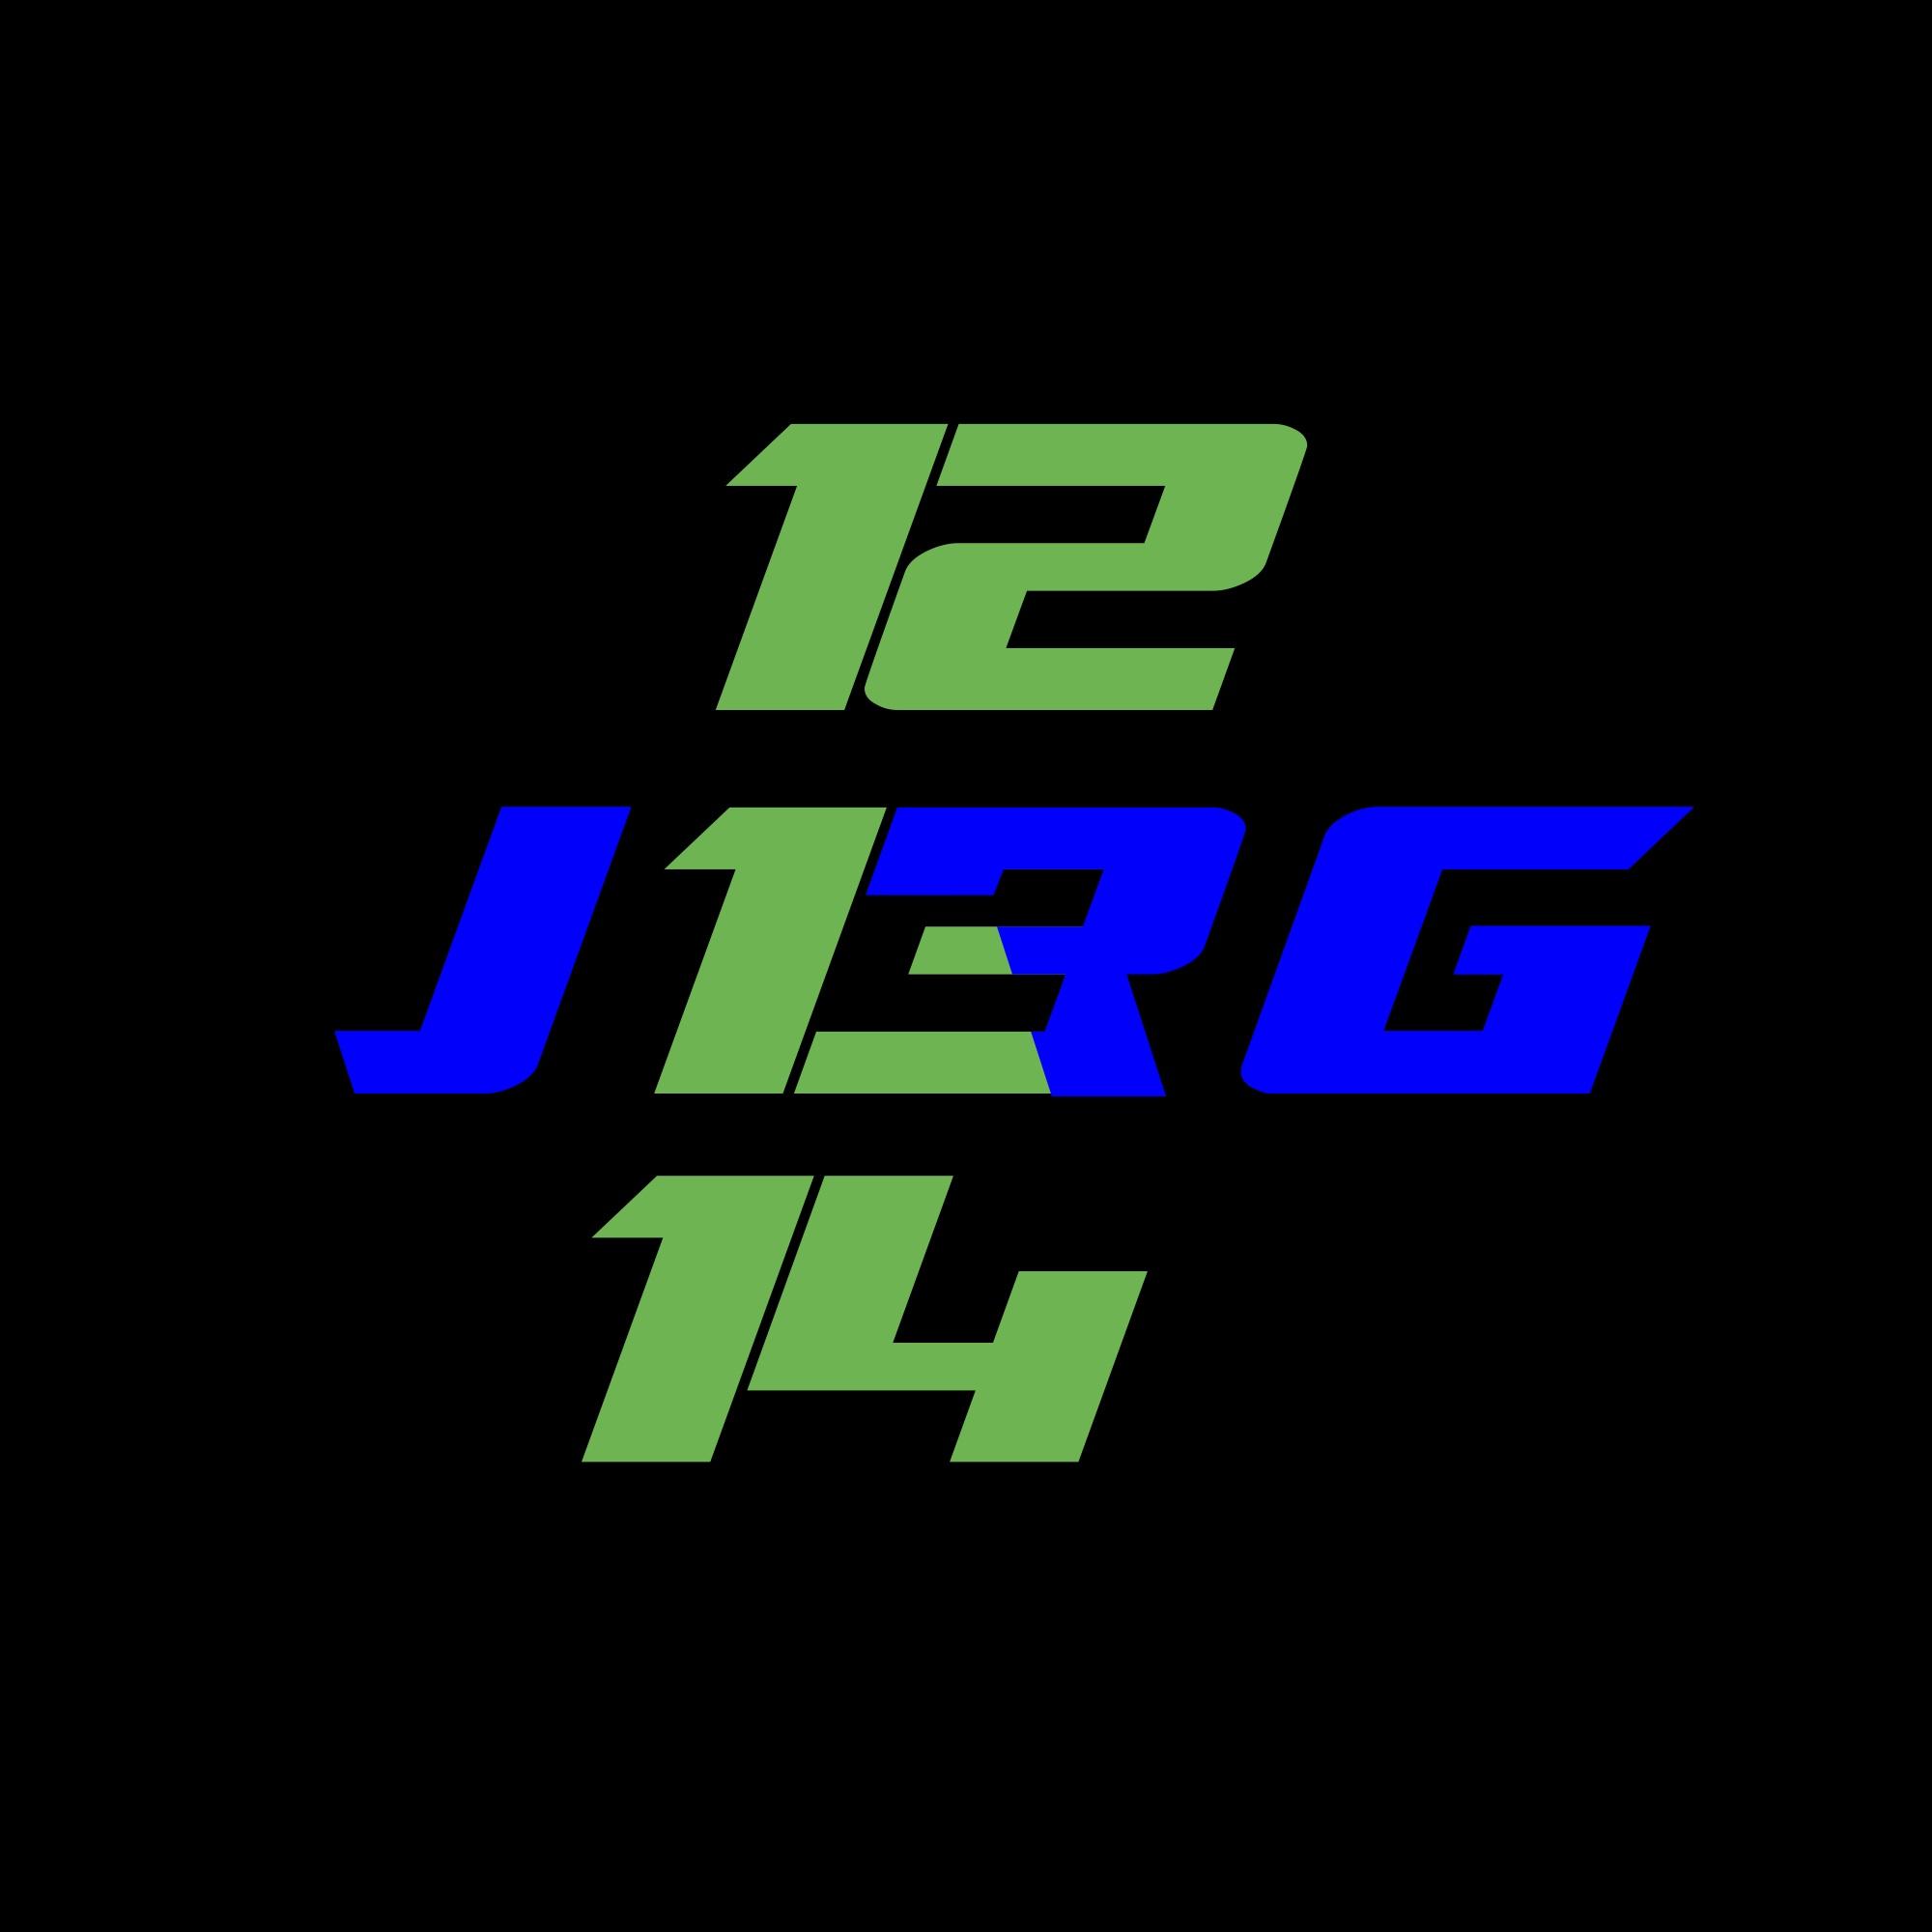 JRG Idea 3v3